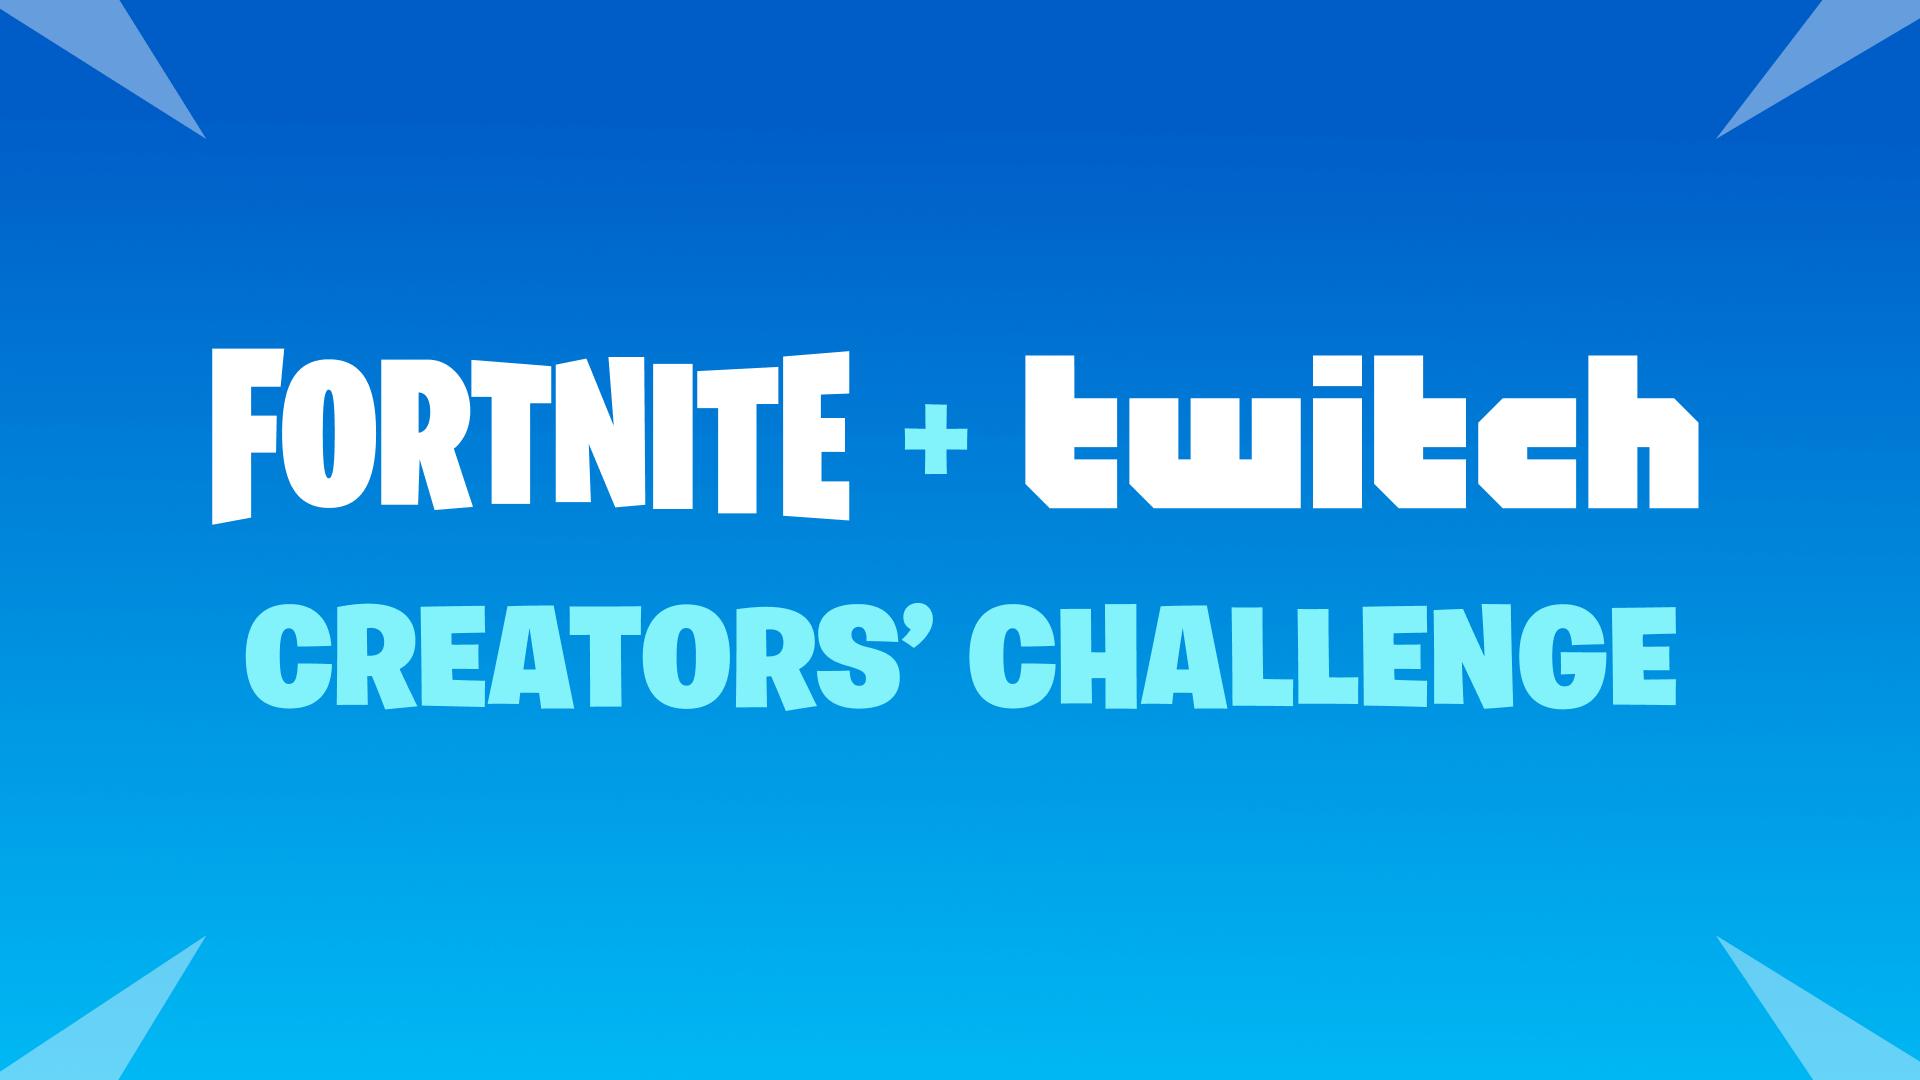 Fortnite And Twitch Creators Challenge